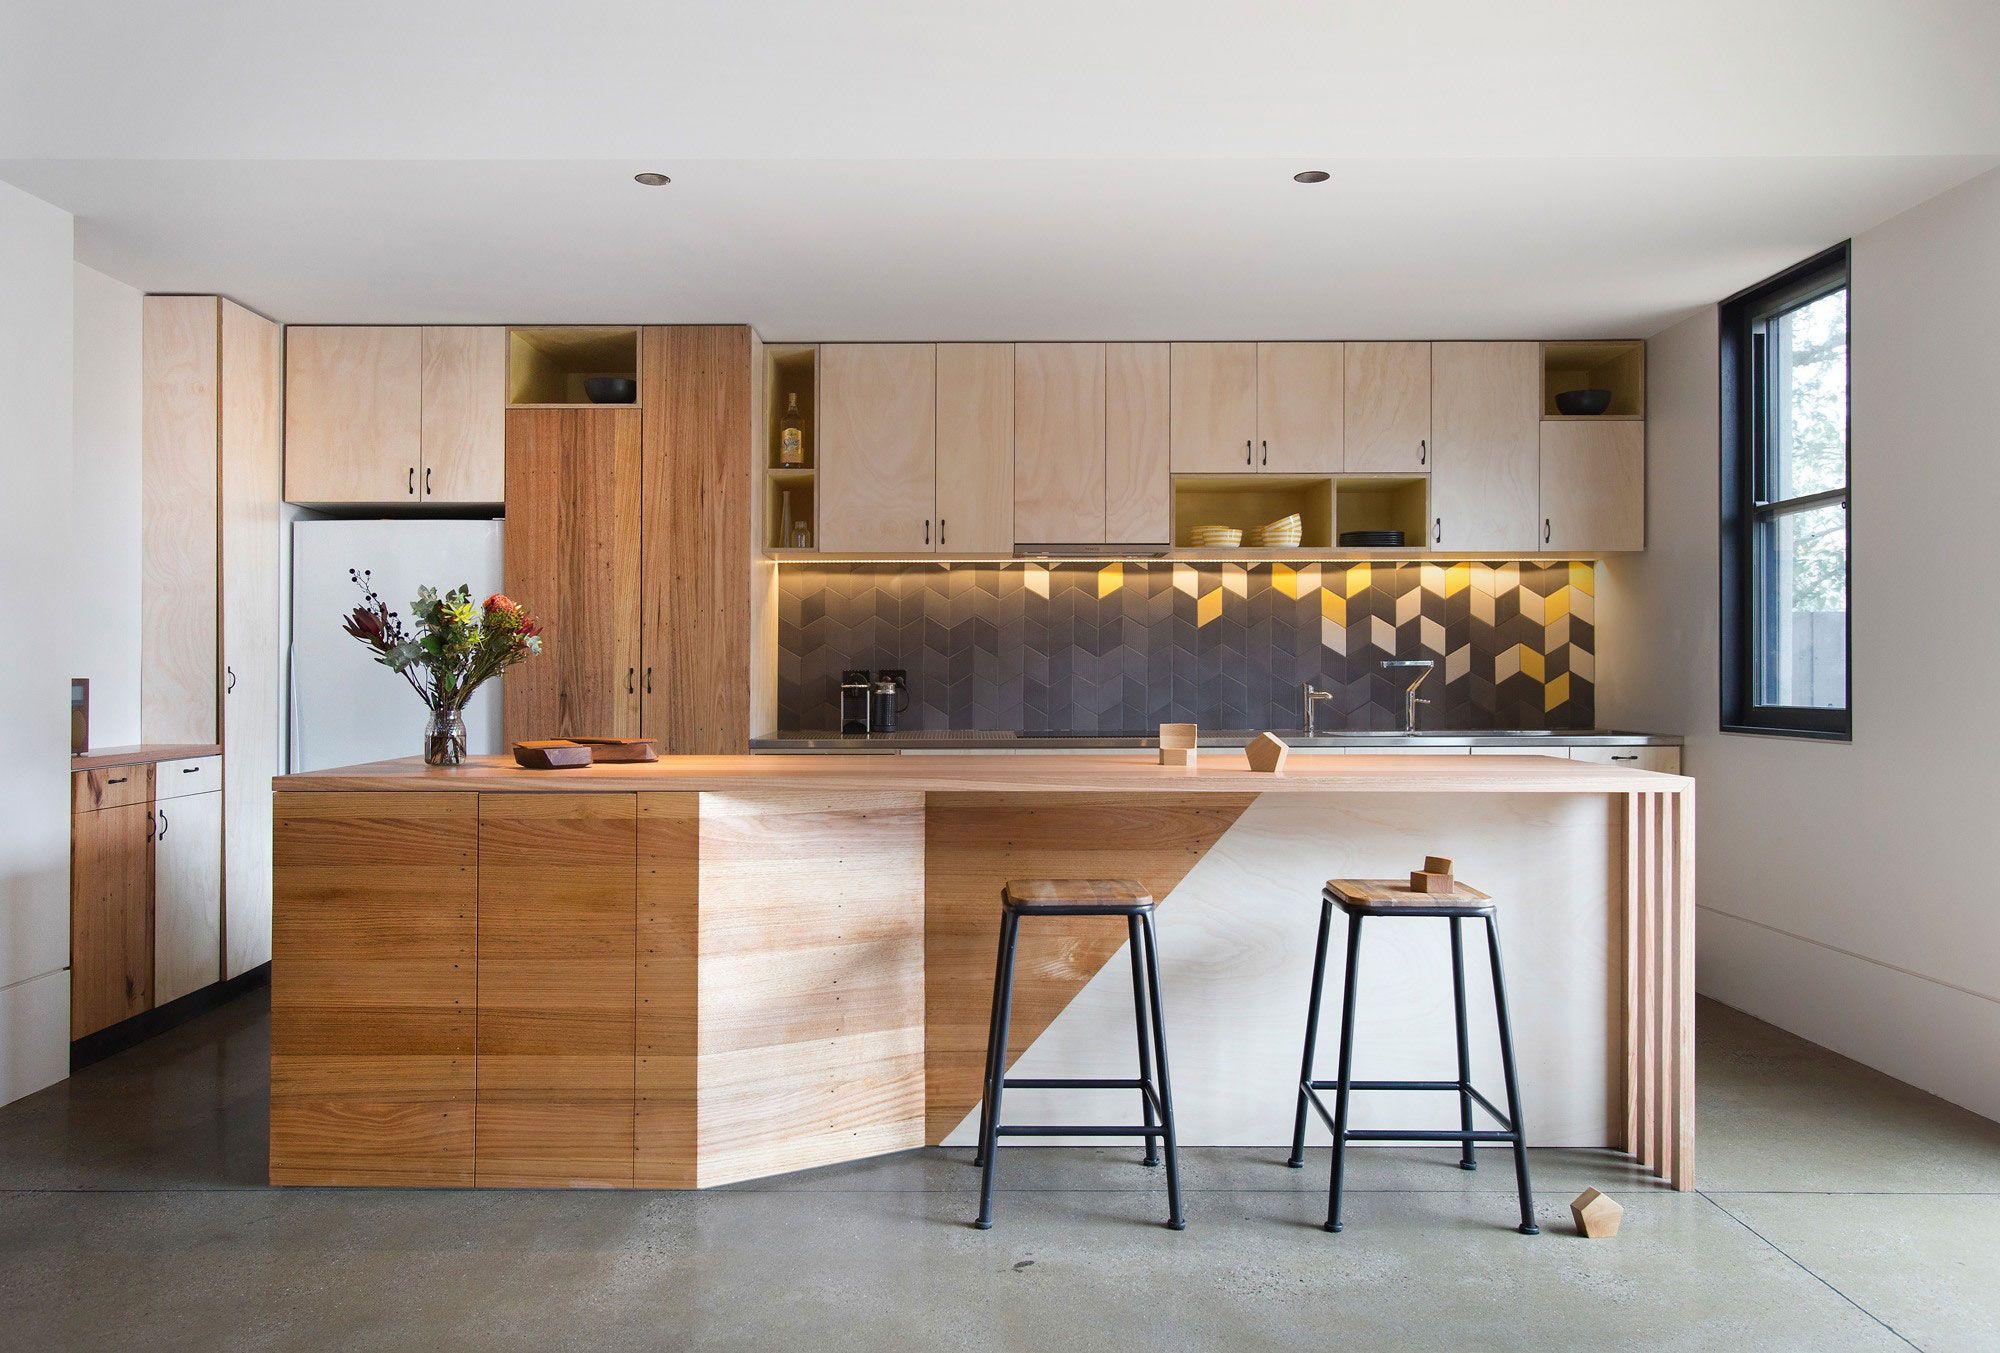 Küchenideen farben moderne küche designs mit hellen farben  küche design